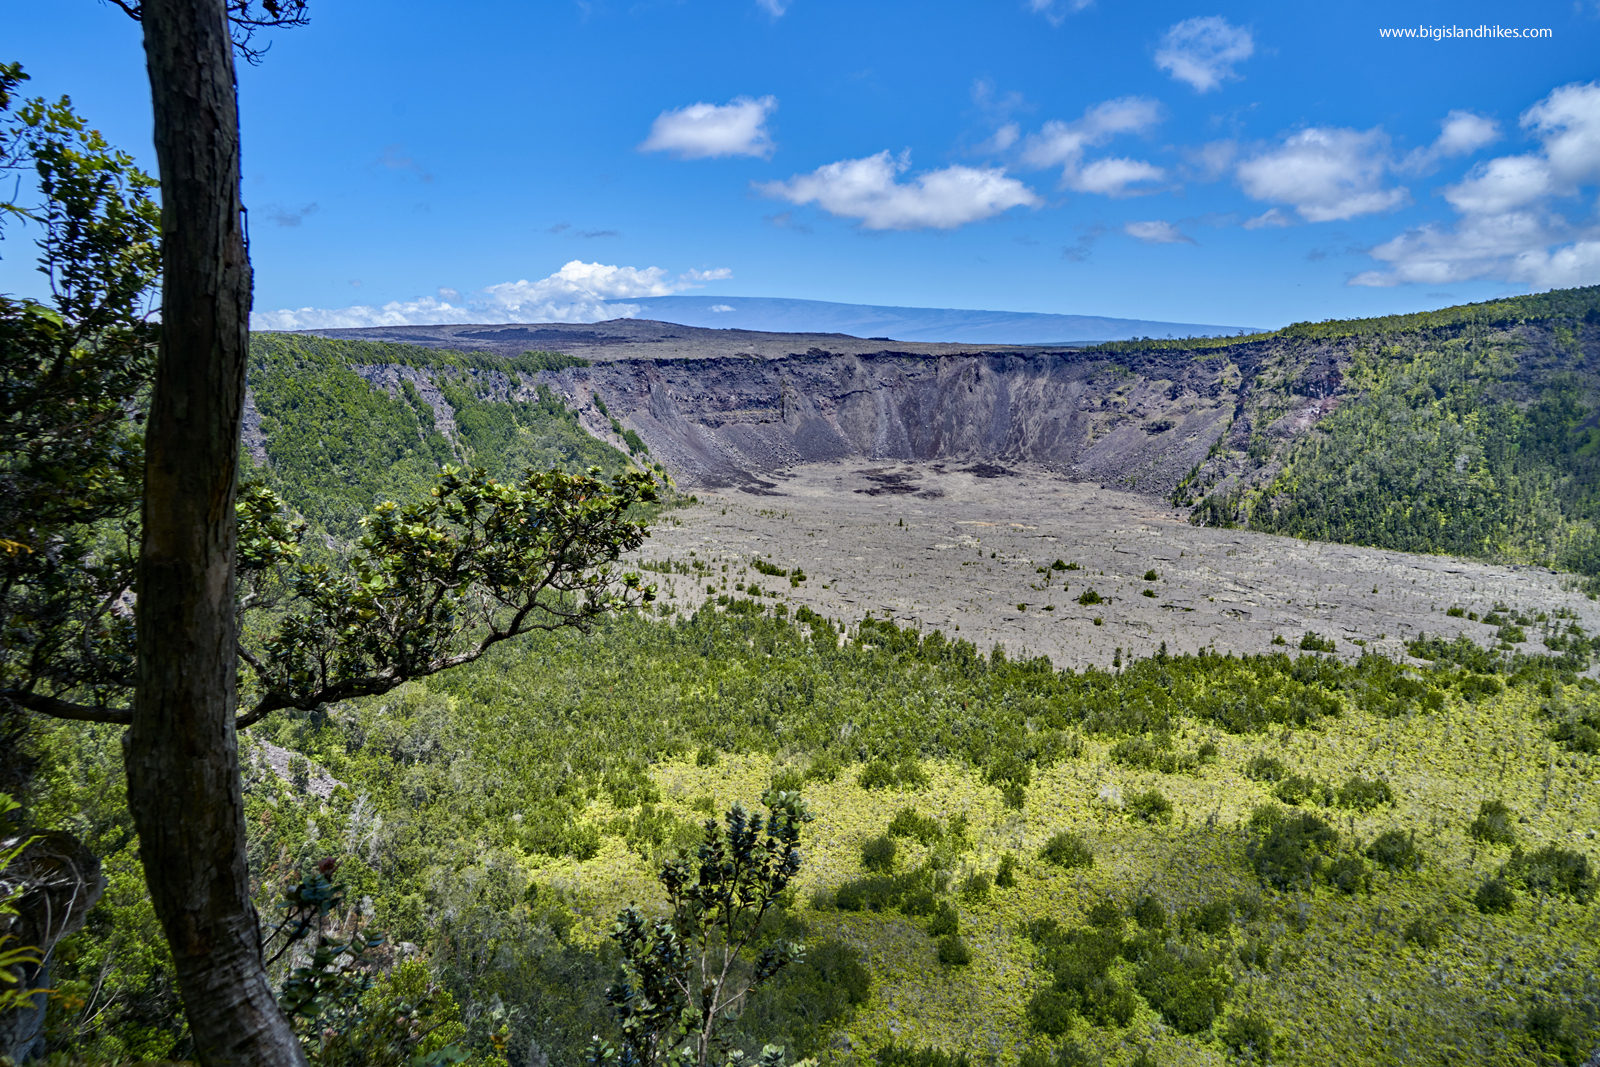 Makaopuhi Crater